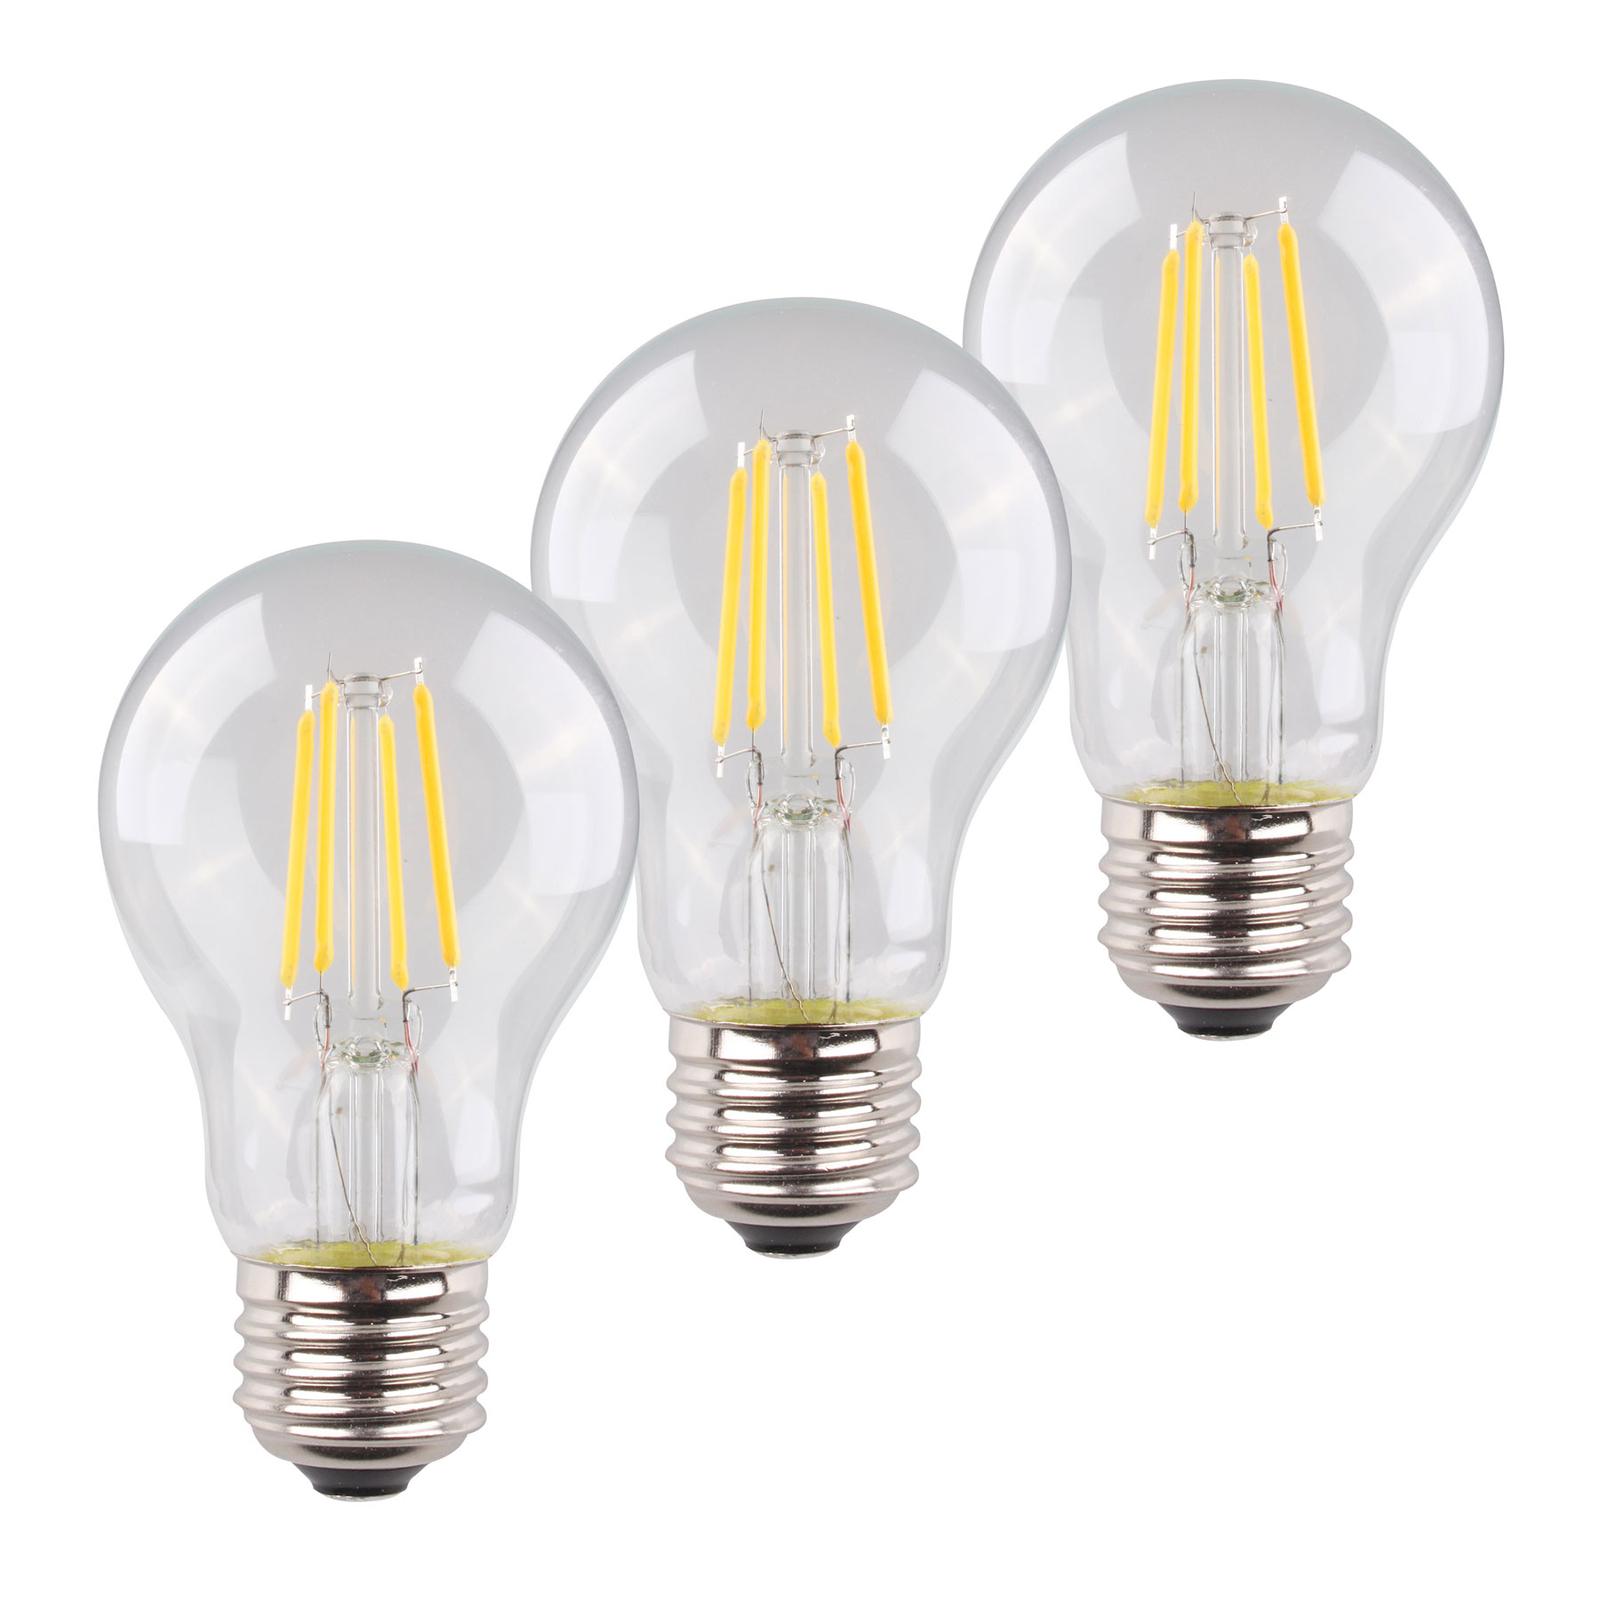 E27 4 W LED-pære filament 2700K 3er sett 470lm